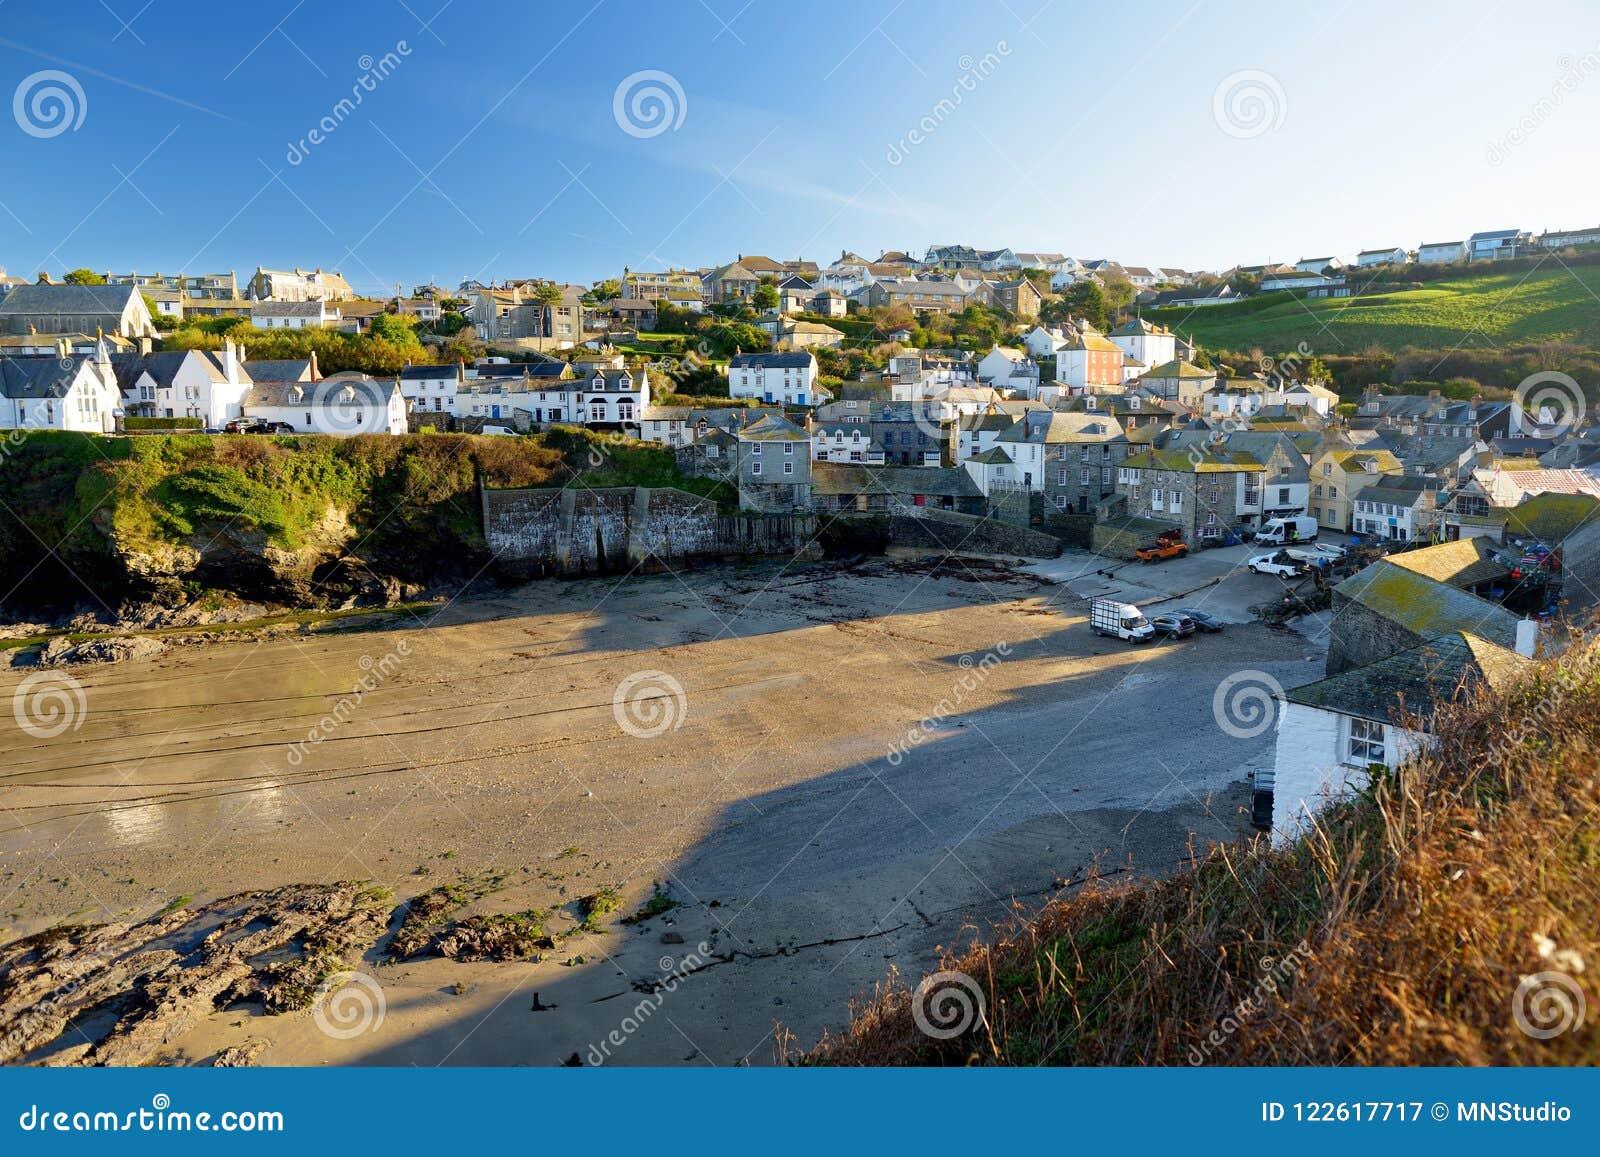 Portowy Isaac, wioska rybacka na Atlantyckim wybrzeżu północny Cornwall, mała i malownicza, Anglia, Zjednoczone Królestwo, sławny